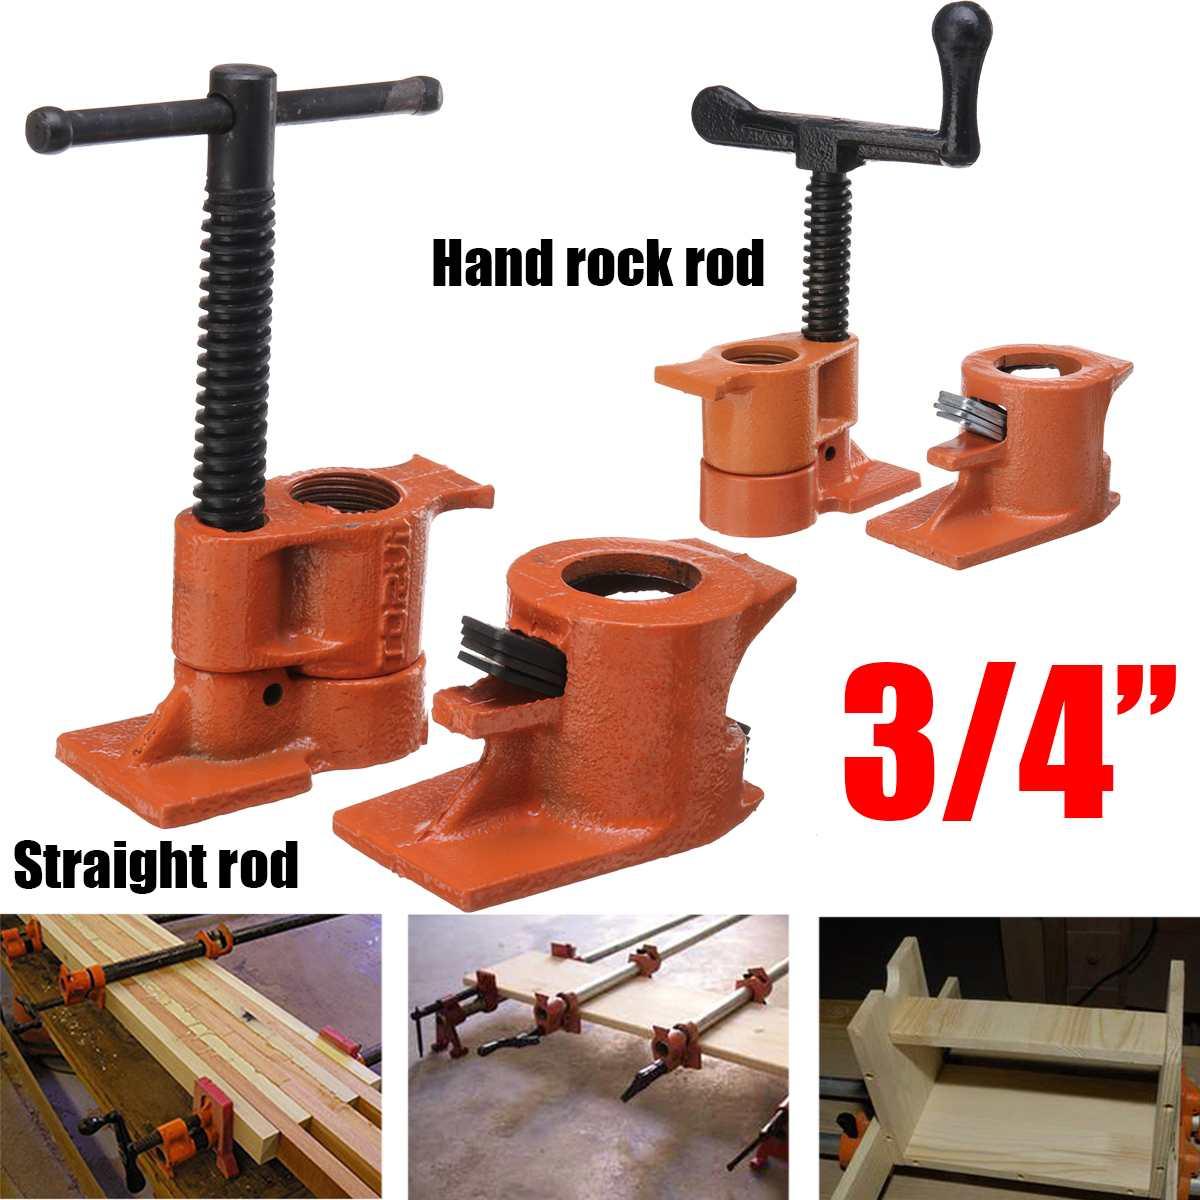 3/4 Polegada braçadeira de tubulação resistente para trabalhar madeira cola braçadeira de tubulação de ferro fundido de aço braçadeira de fixação de tubulação carpinteiro ferramenta de mão